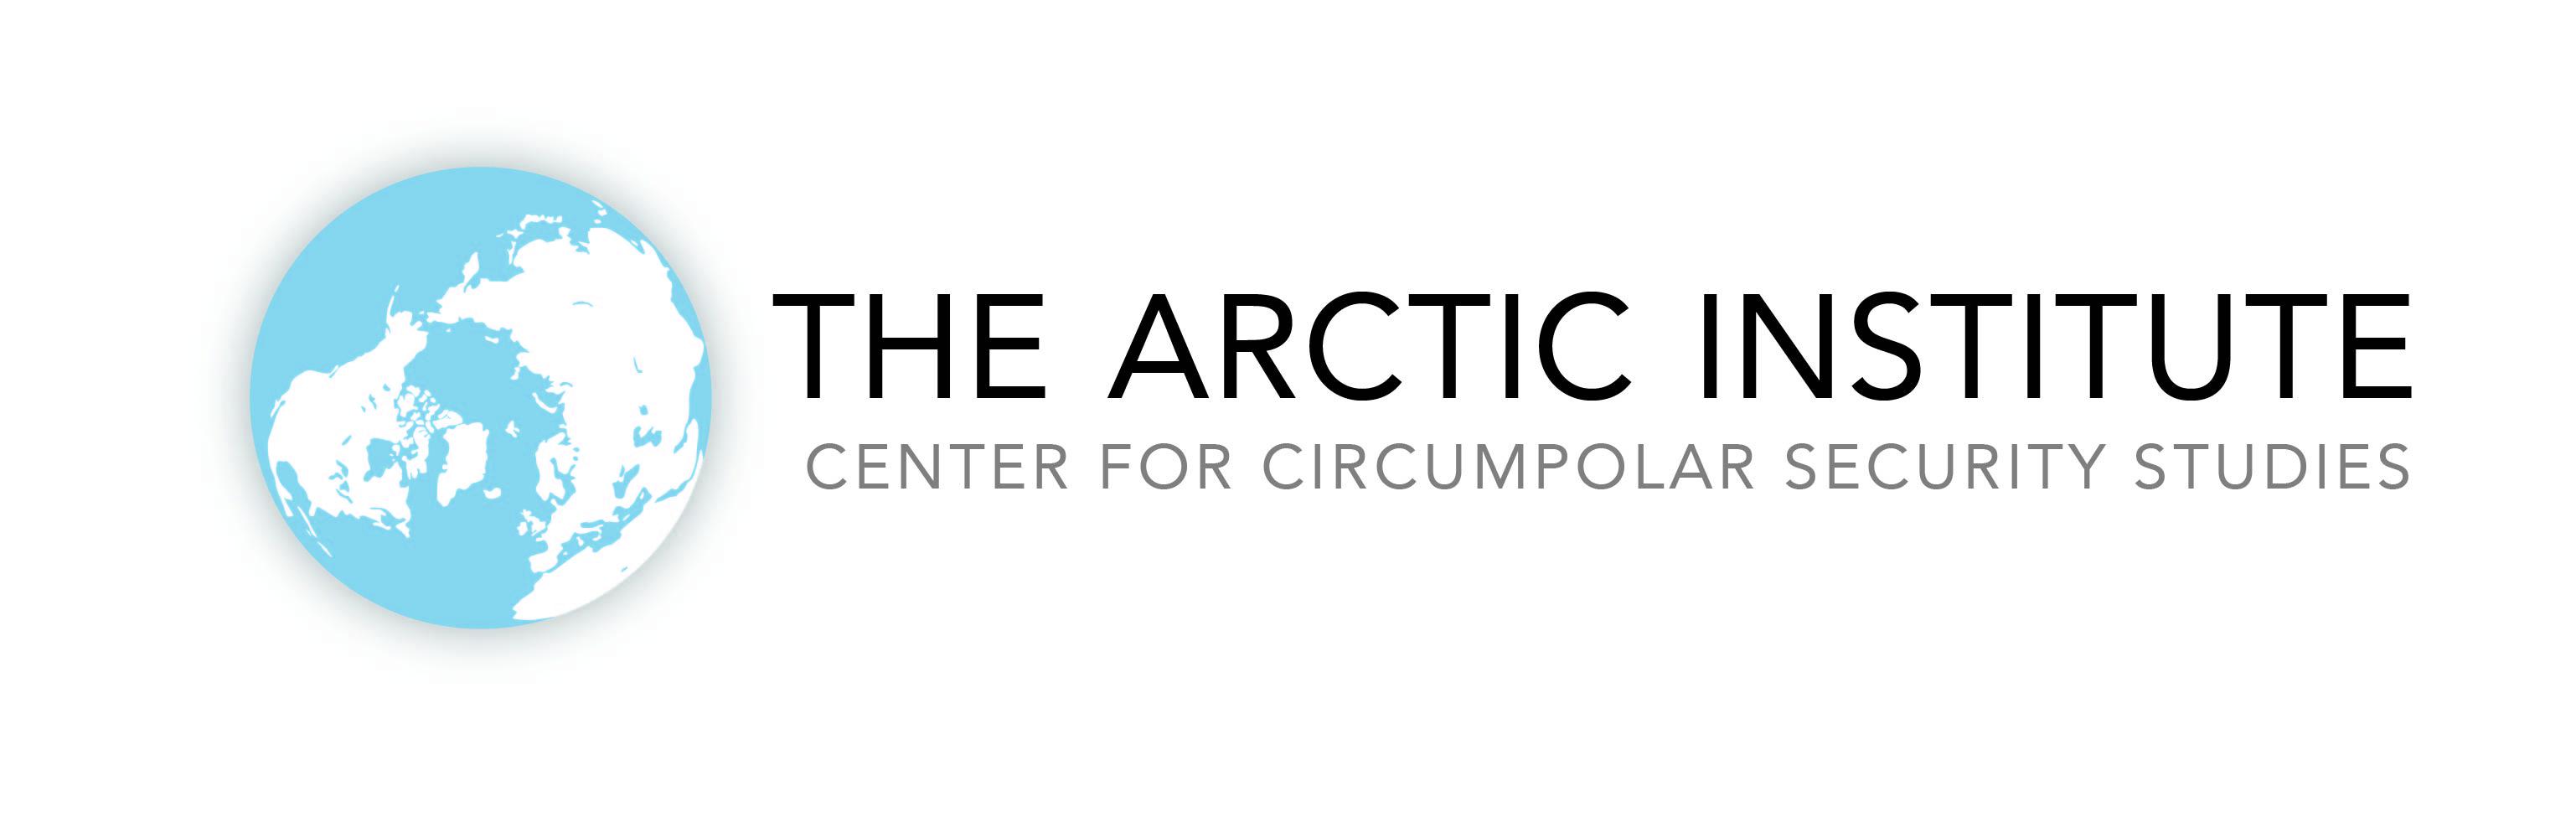 The Arctic Institute Logo Rectangle